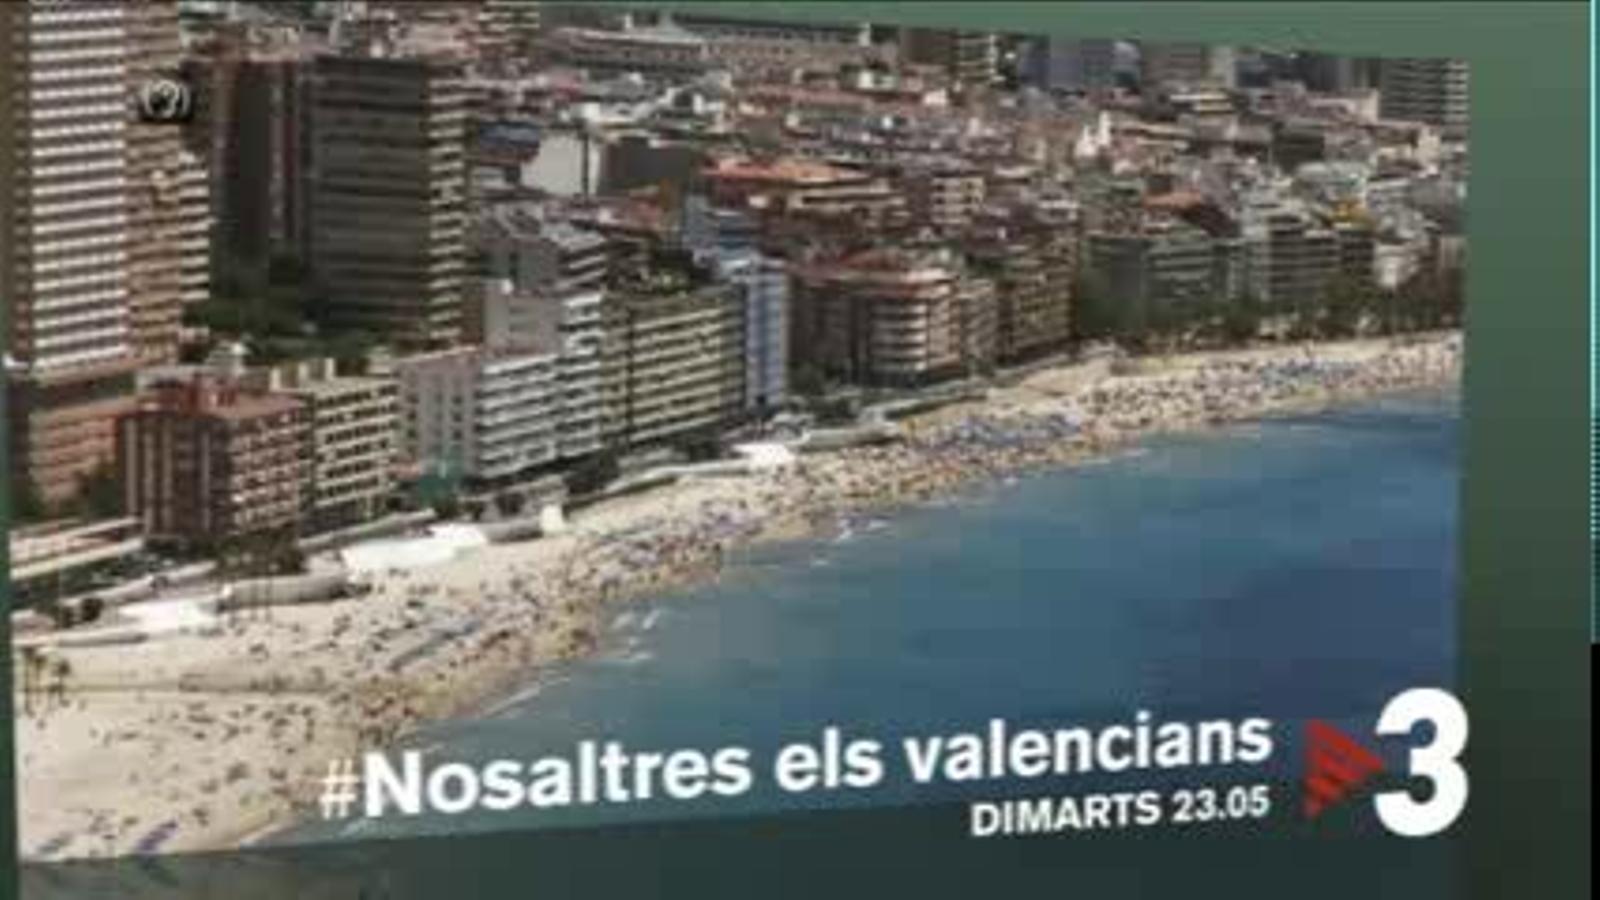 El documental '#Nosaltres els valencians', produït per Barret Films i dirigit per Andreu Signes